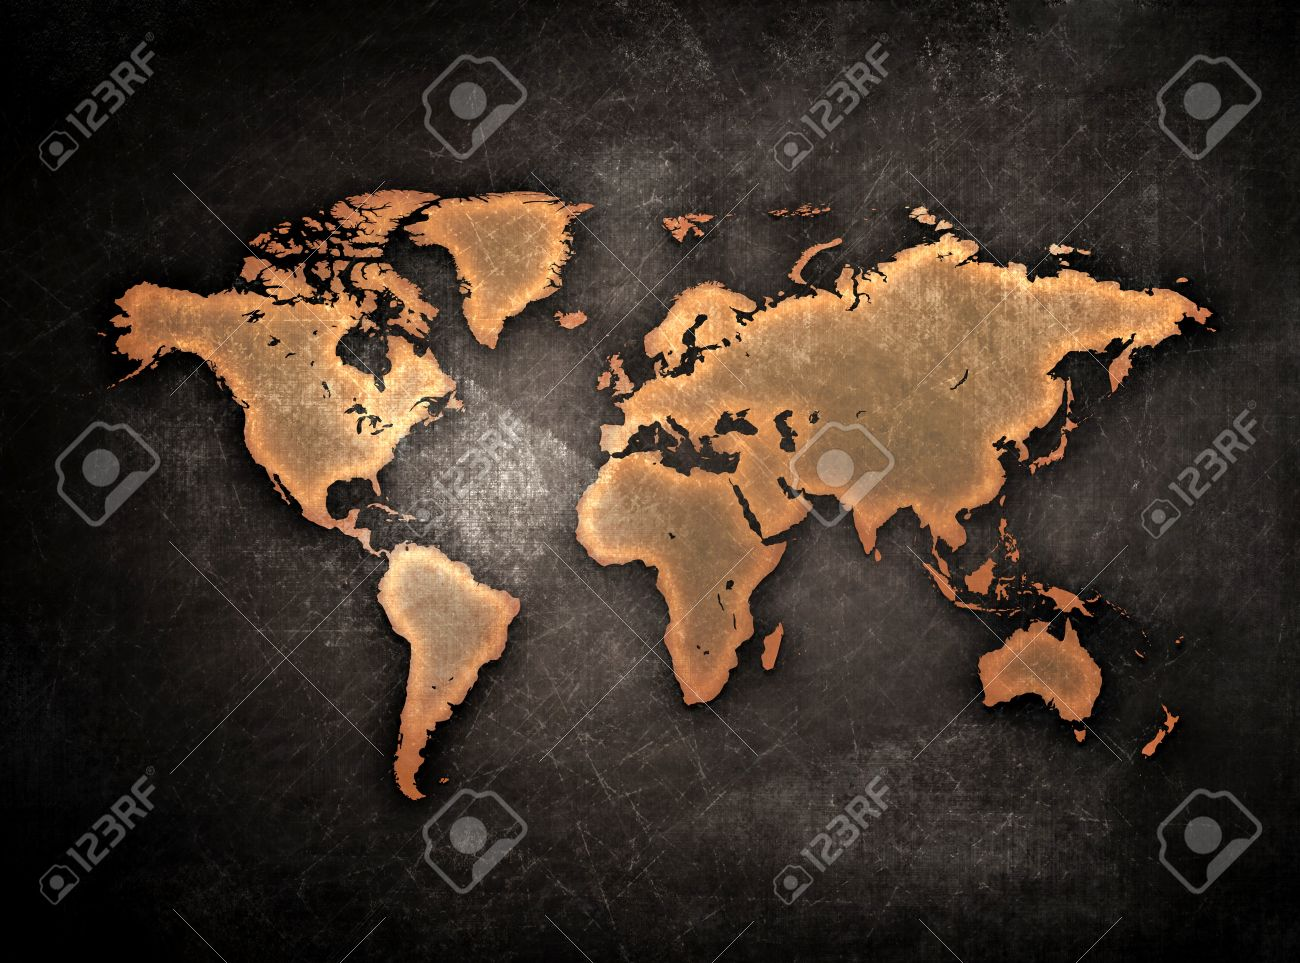 Vintage grunge world map globe isolated on black stock photo stock photo vintage grunge world map globe isolated on black gumiabroncs Images